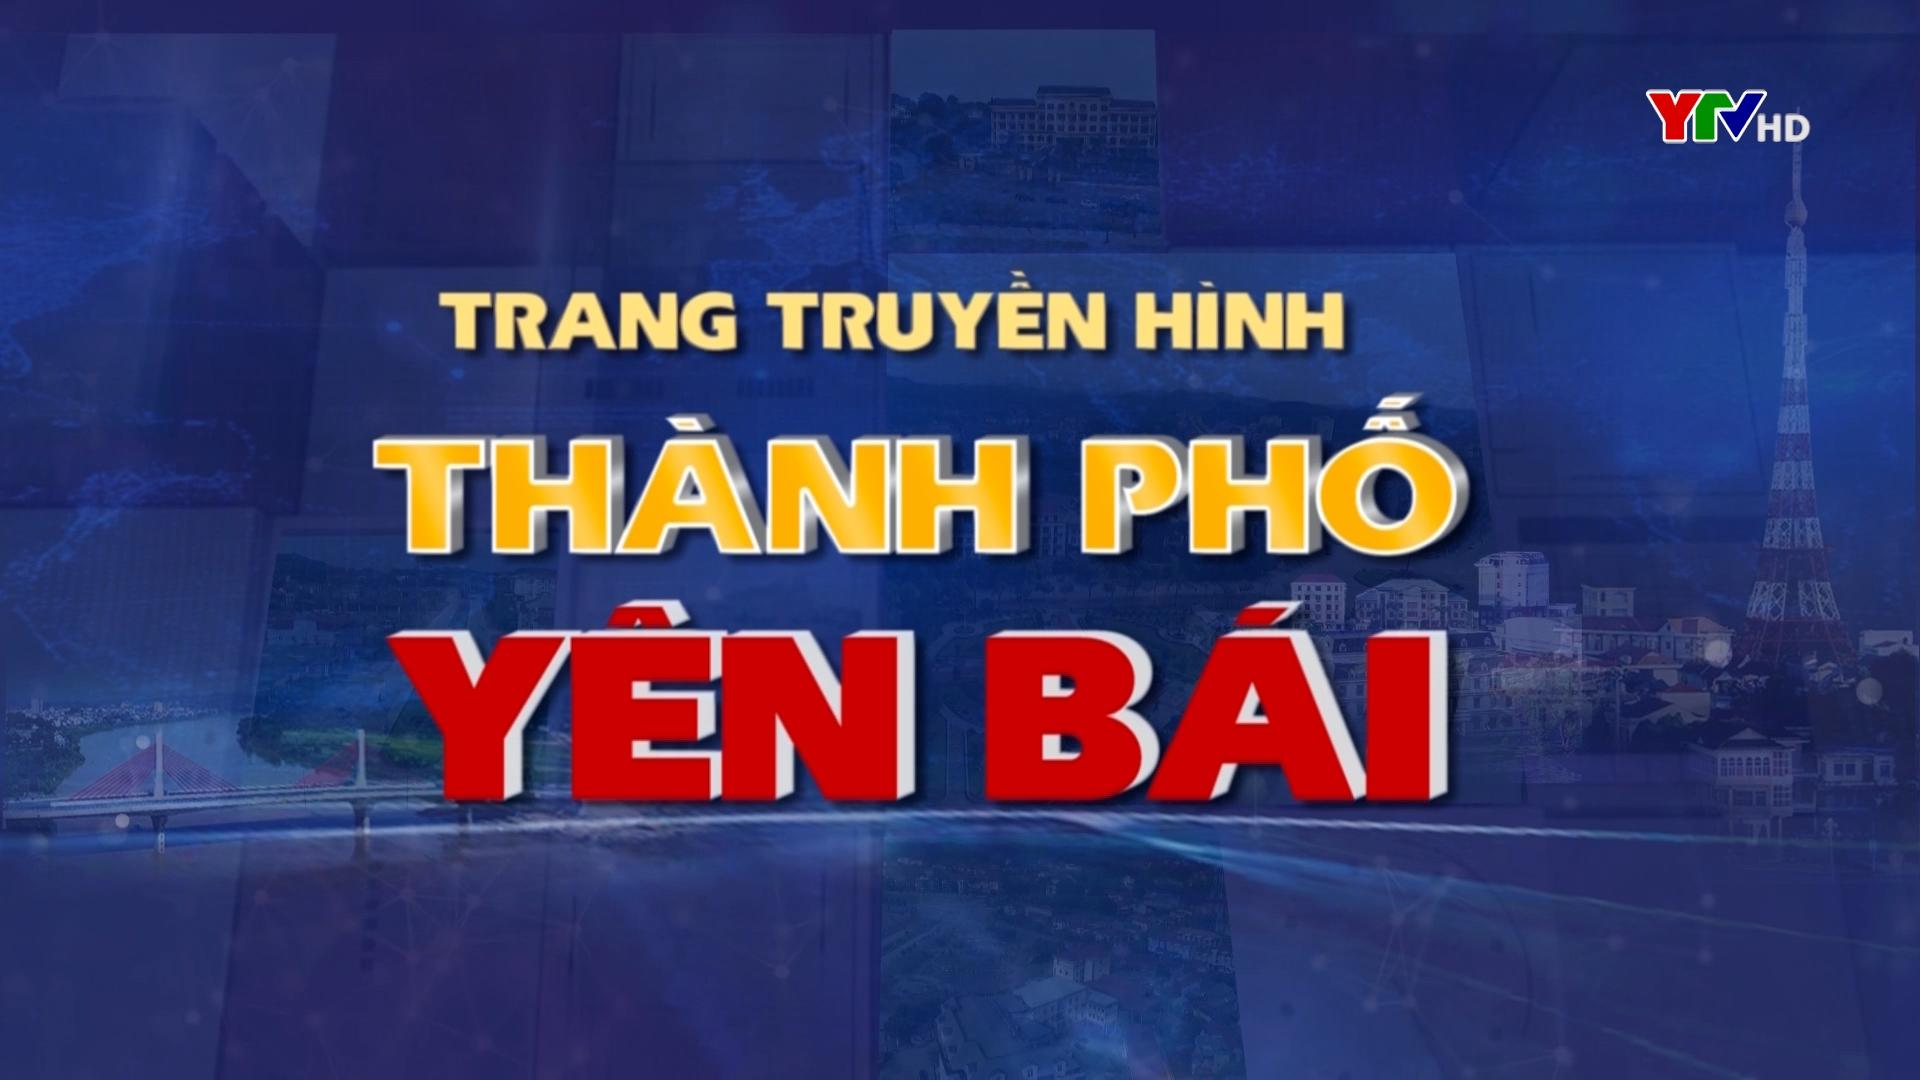 Trang Truyền hình TP Yên Bái số 2 tháng 10 năm 2020